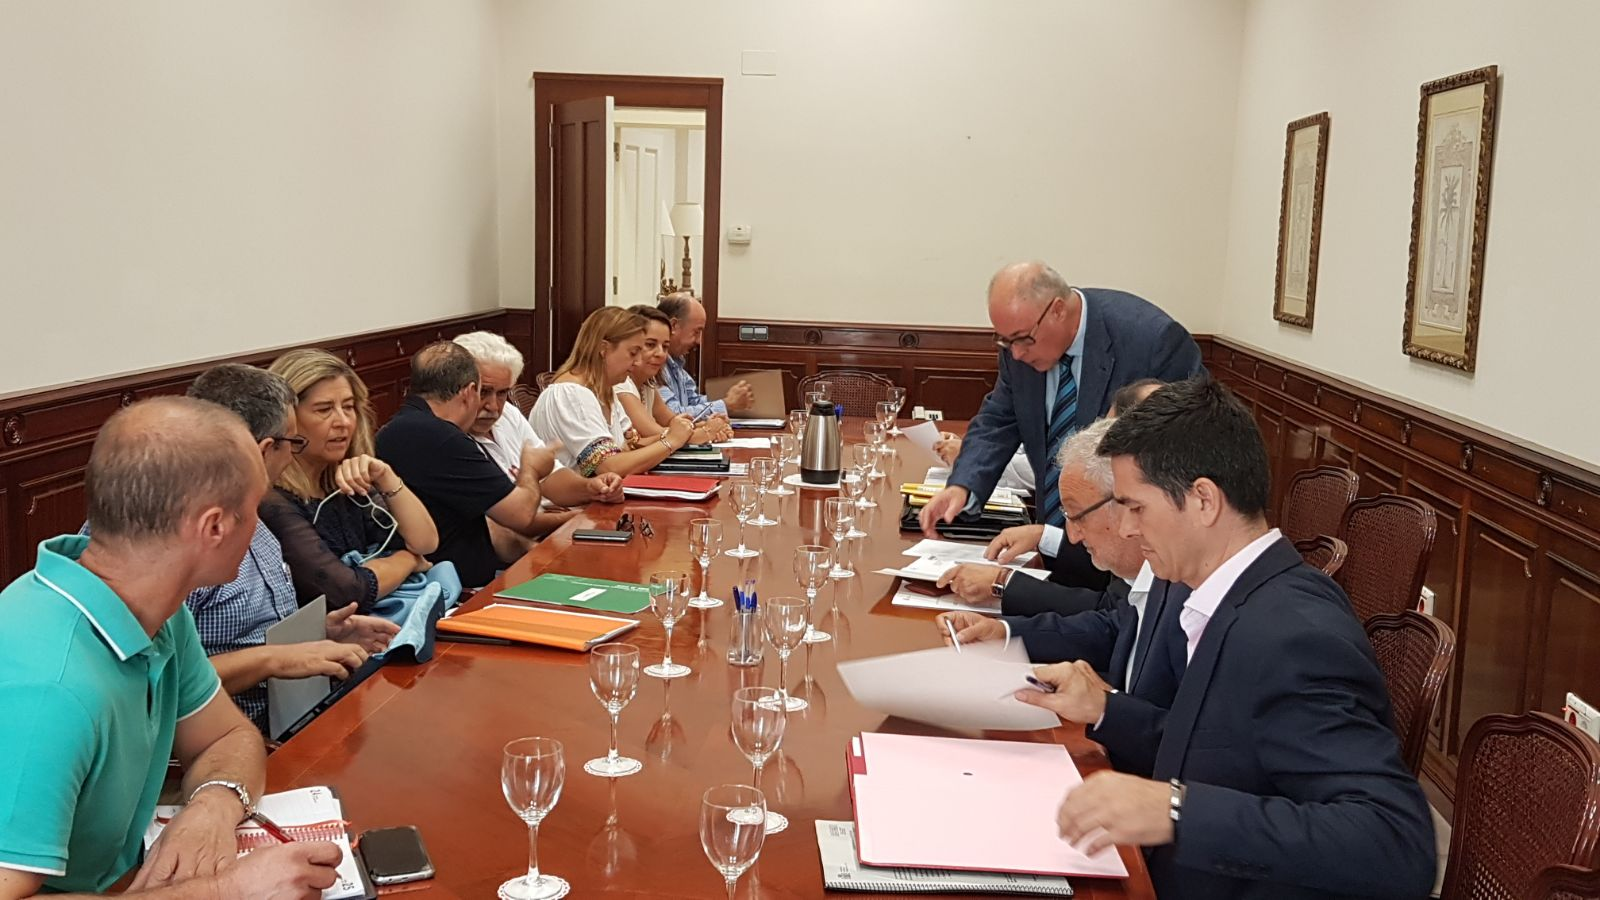 La comisión provincial del Profea aprueba un incremento de fondos del 15 por ciento para proyectos de Empleo Estable